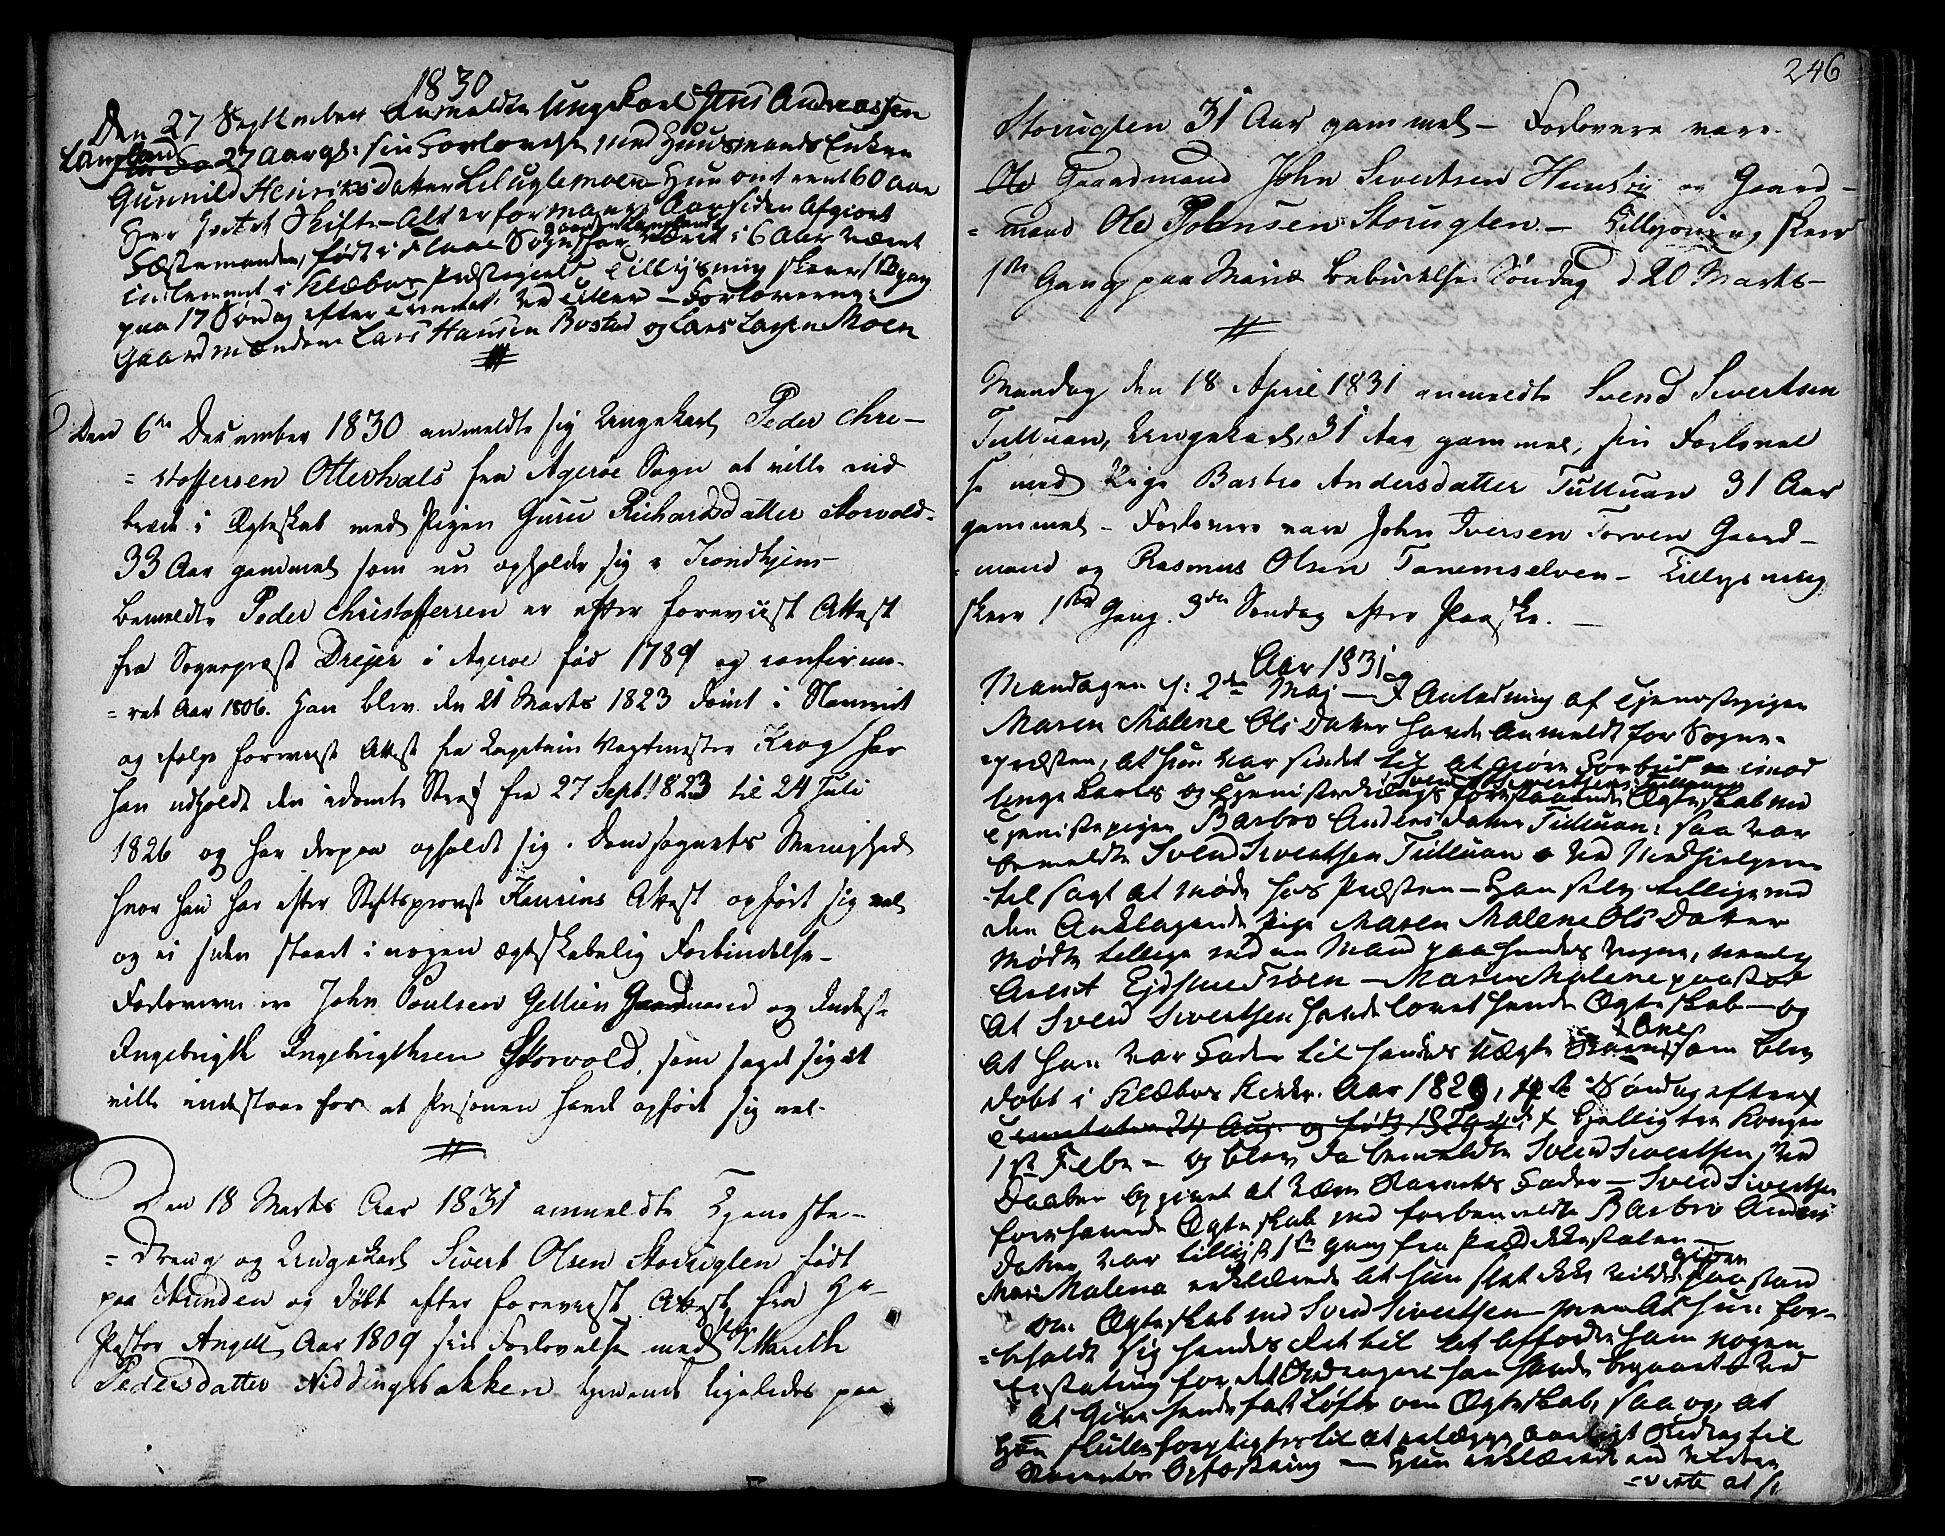 SAT, Ministerialprotokoller, klokkerbøker og fødselsregistre - Sør-Trøndelag, 618/L0438: Ministerialbok nr. 618A03, 1783-1815, s. 246